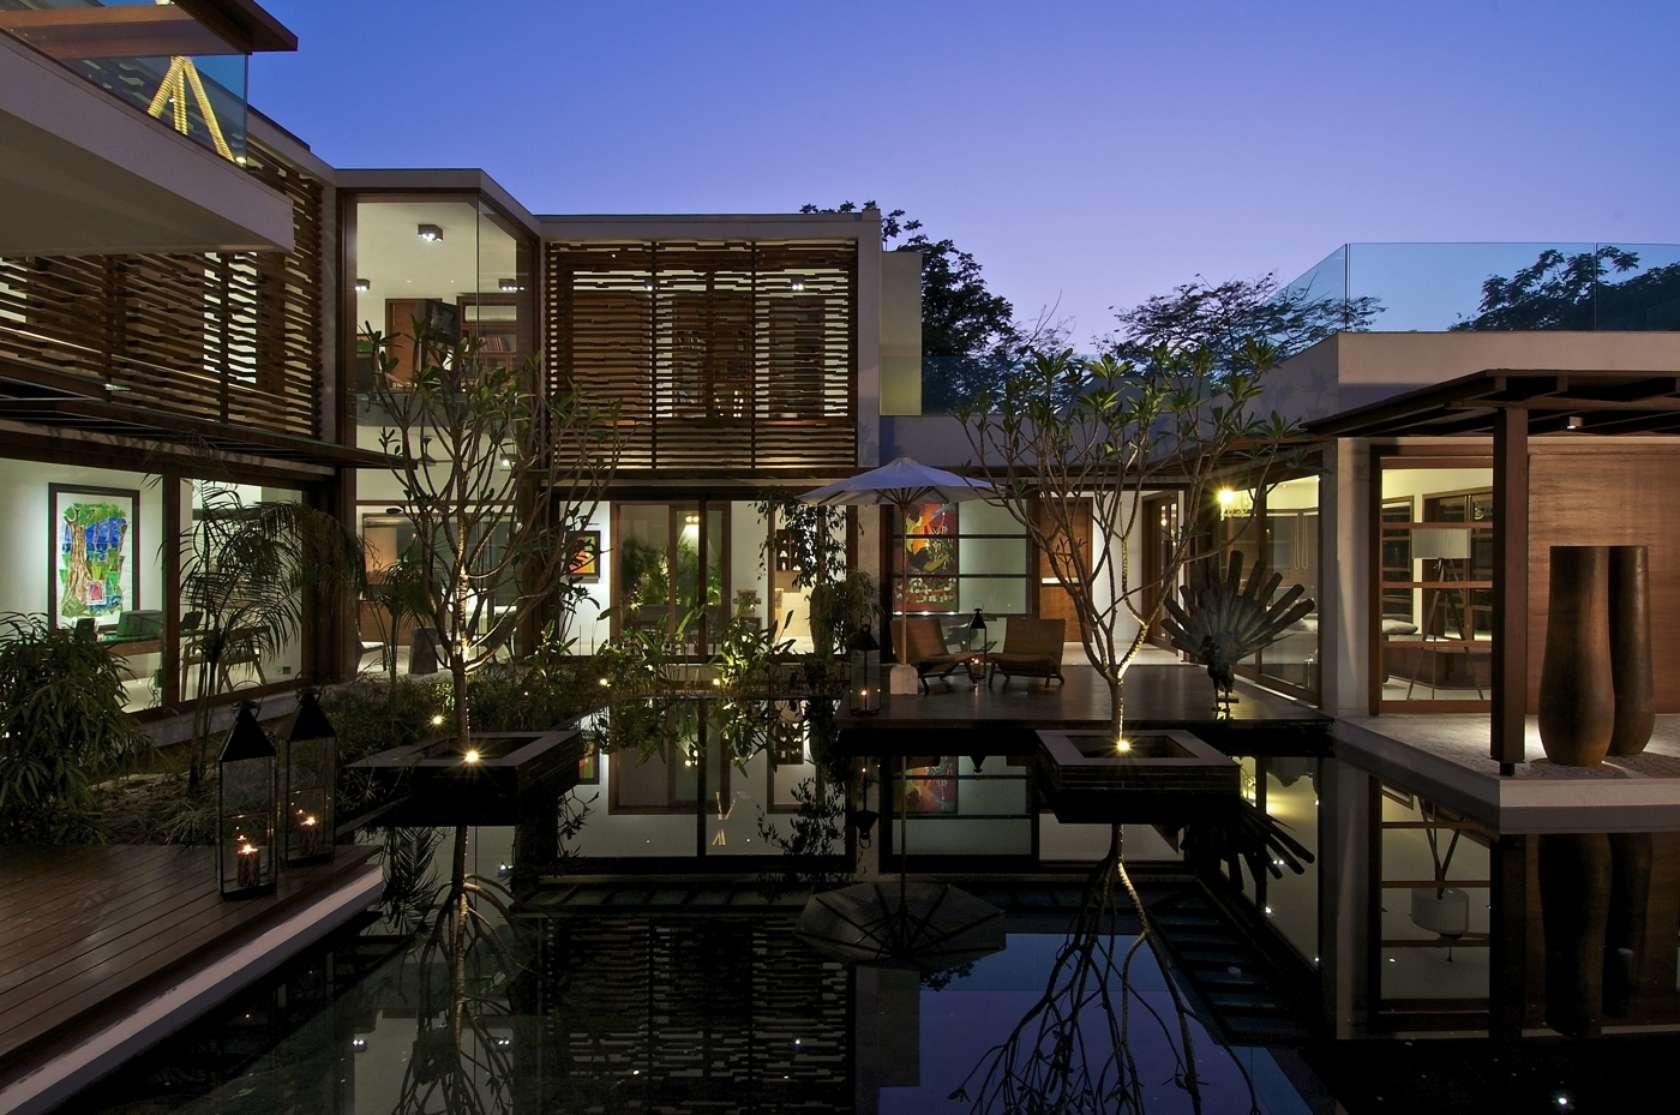 Fondos de pantalla de casas modernas wallpapers hd for Pics of modern houses